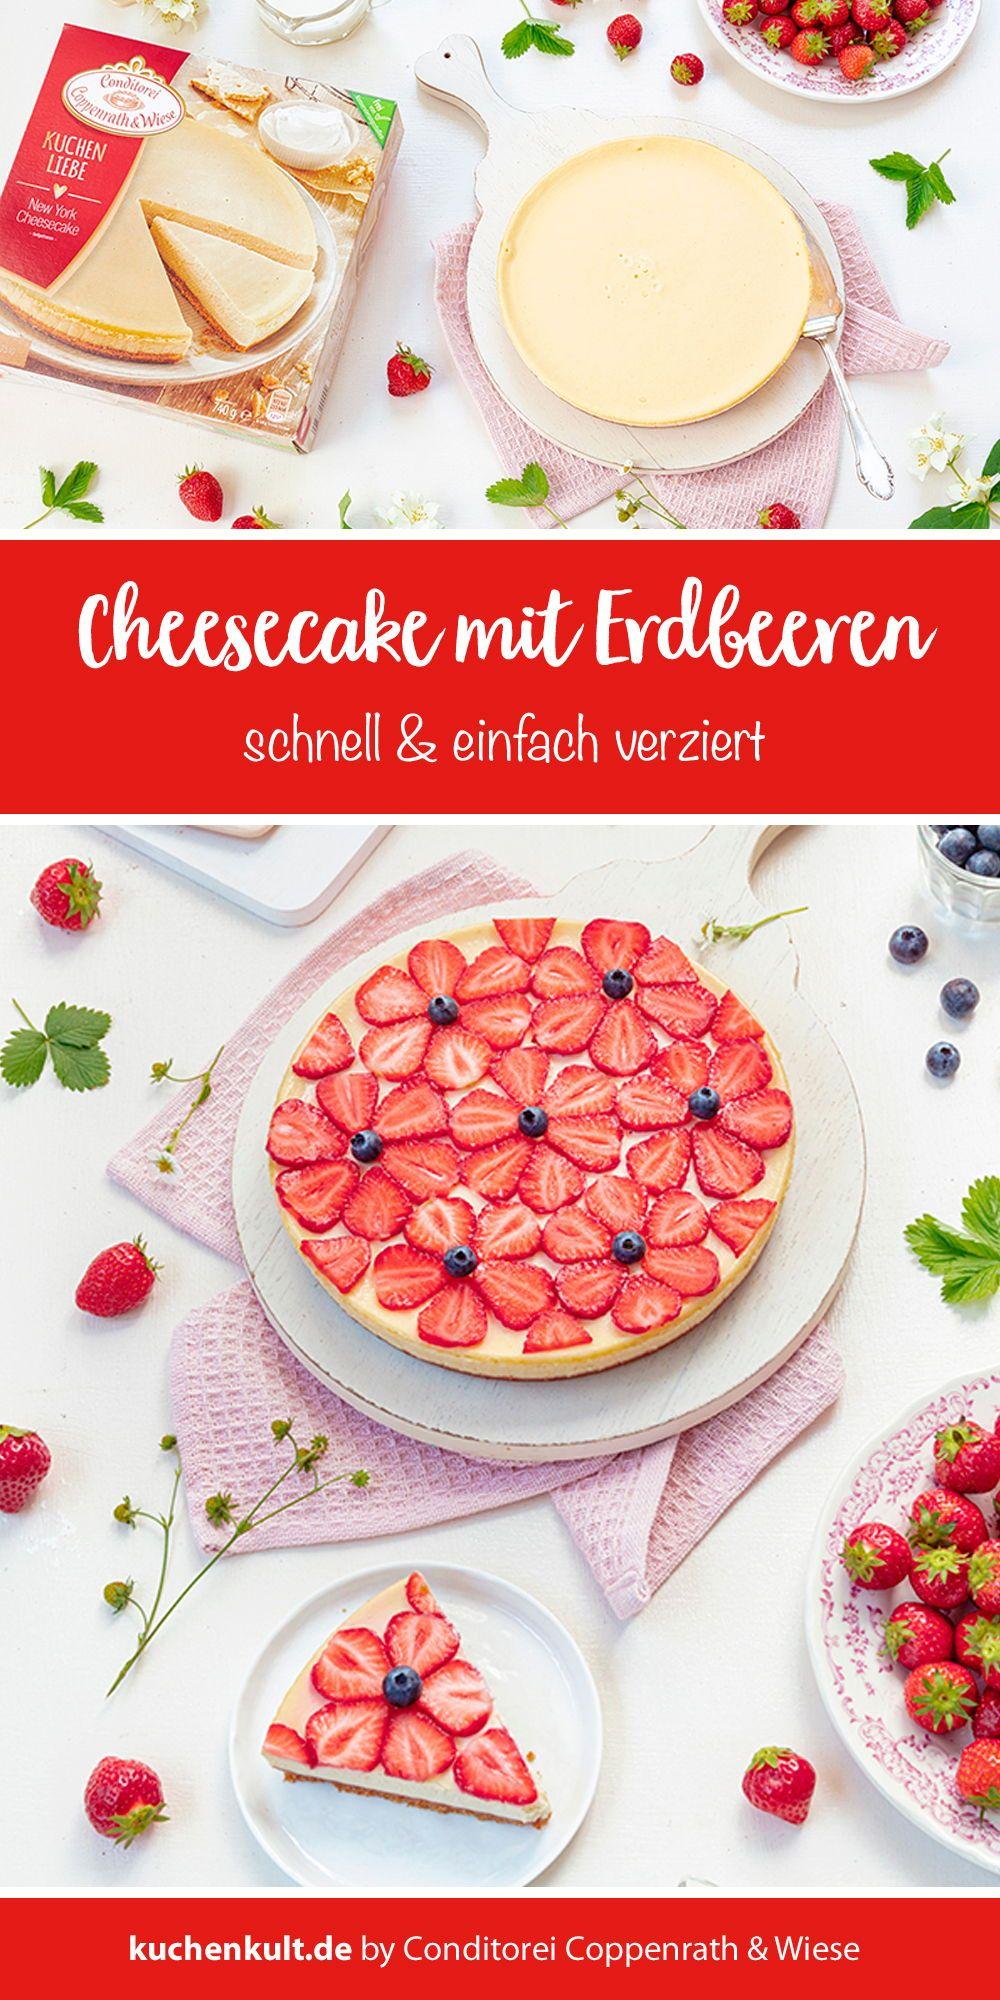 Cheesecake Mit Erdbeeren In Blumenform In 2020 Erdbeeren Lebensmittel Essen Kuchen Einschulung